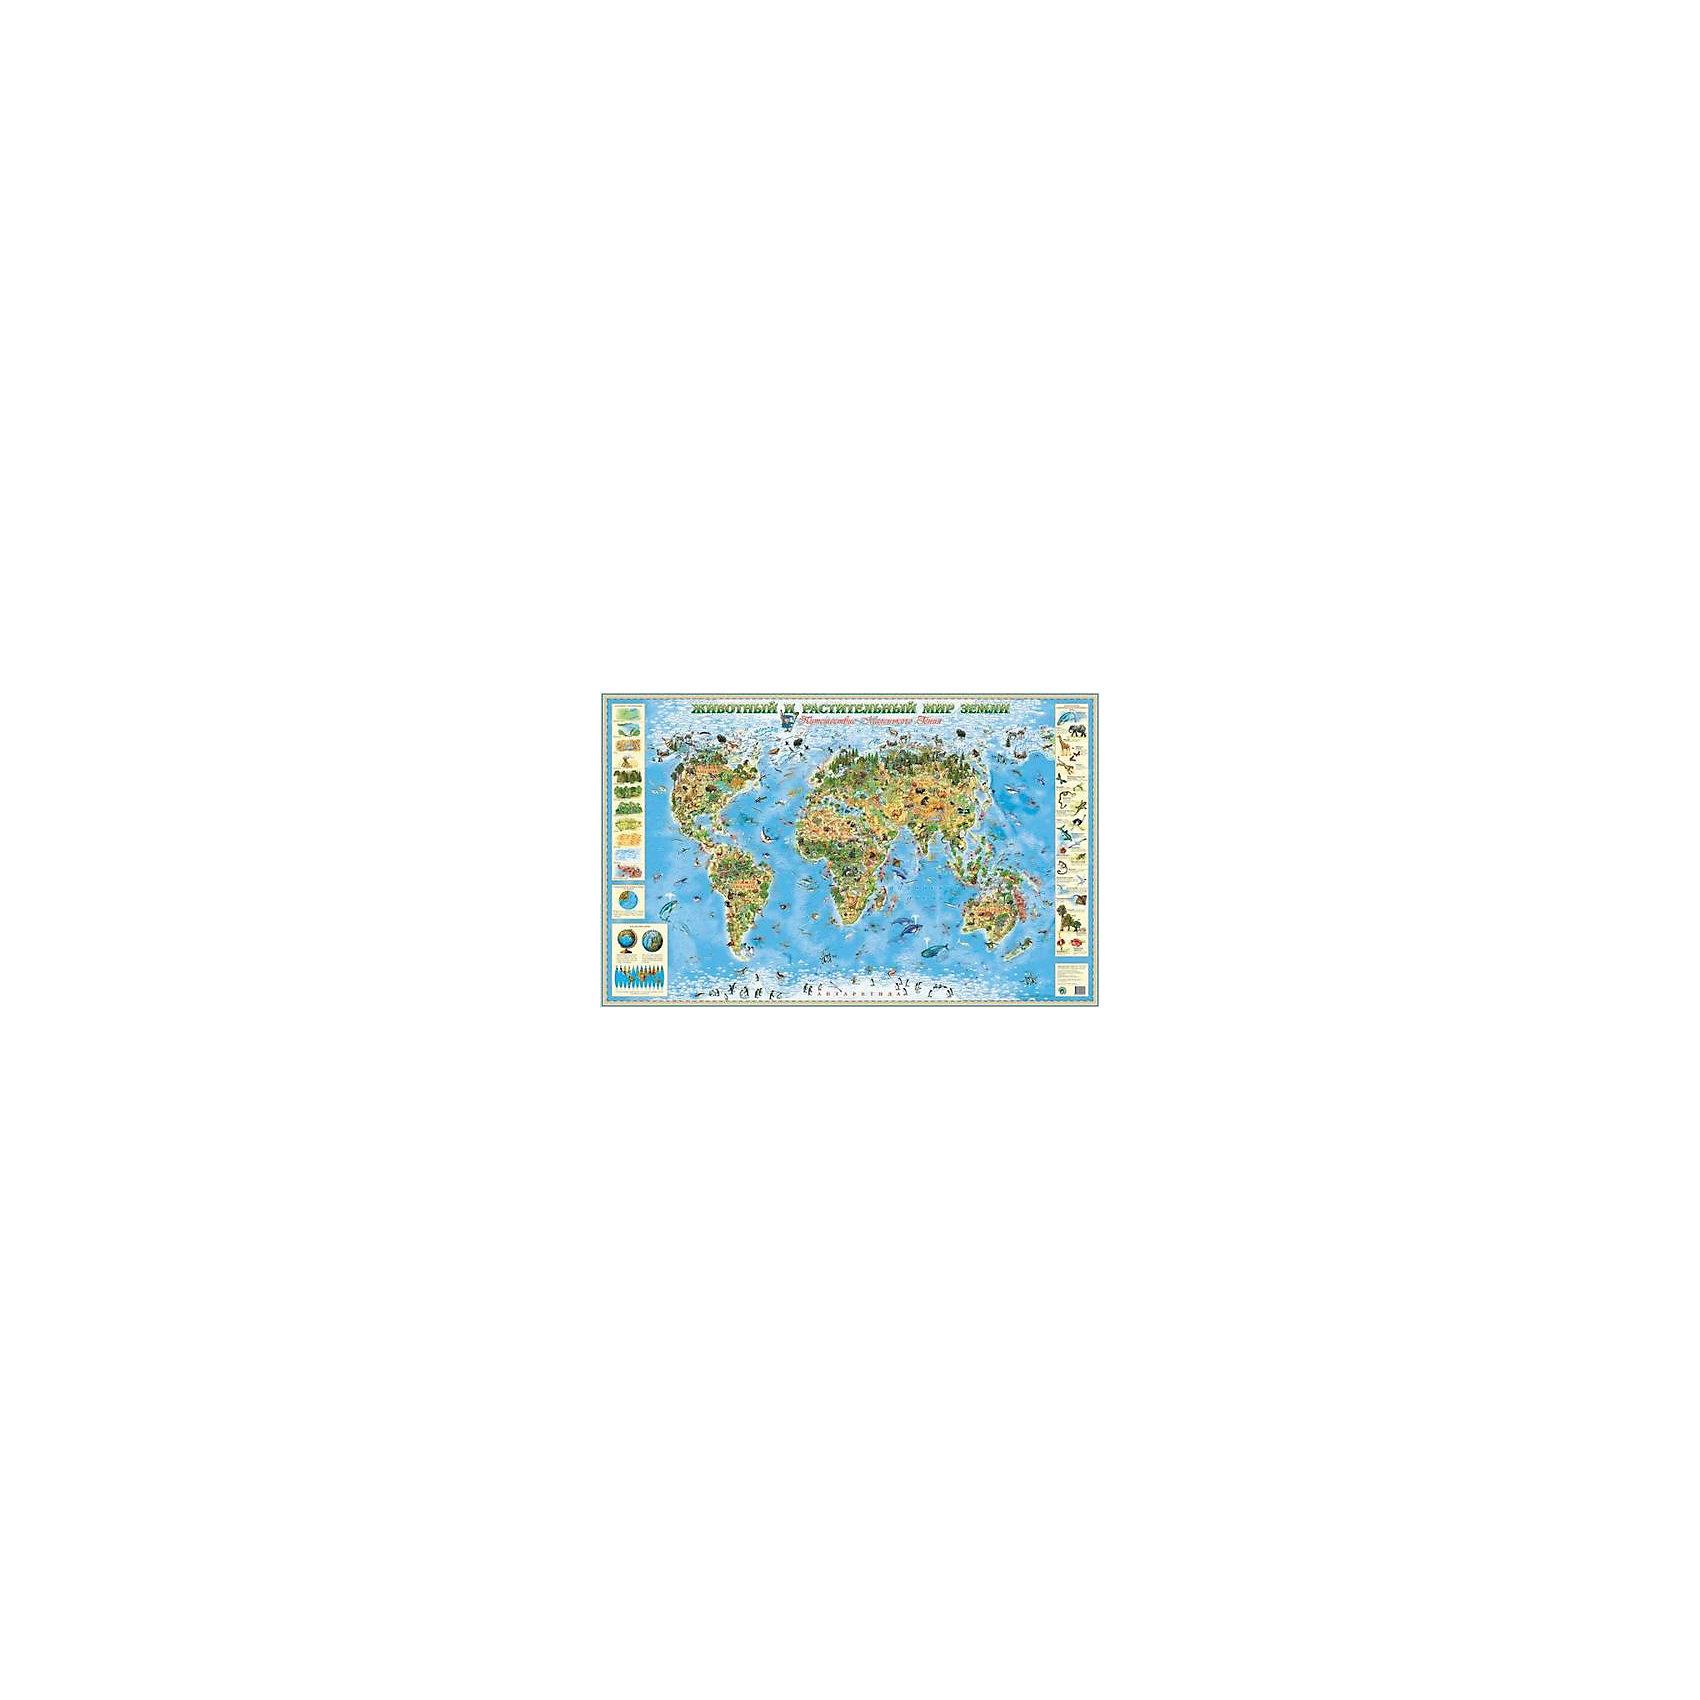 Карта Животный и растительный мир ЗемлиМаленький гений<br>Первые географические пособия для малыша, которые познакомят его с многообразием и красотой окружающего мира. Особенностью этих карт является максимально точная научная информация, которая подается в яркой и привлекательной форме Оригинальные художественные иллюстрации дадут ребенку правильное представление о том, как выглядят те или иные объекты, а забавный игровой персонаж Маленький Гений превратит изучение карты в увлекательное путешествие.<br><br>Ширина мм: 1500<br>Глубина мм: 950<br>Высота мм: 2<br>Вес г: 400<br>Возраст от месяцев: 36<br>Возраст до месяцев: 192<br>Пол: Унисекс<br>Возраст: Детский<br>SKU: 4802965